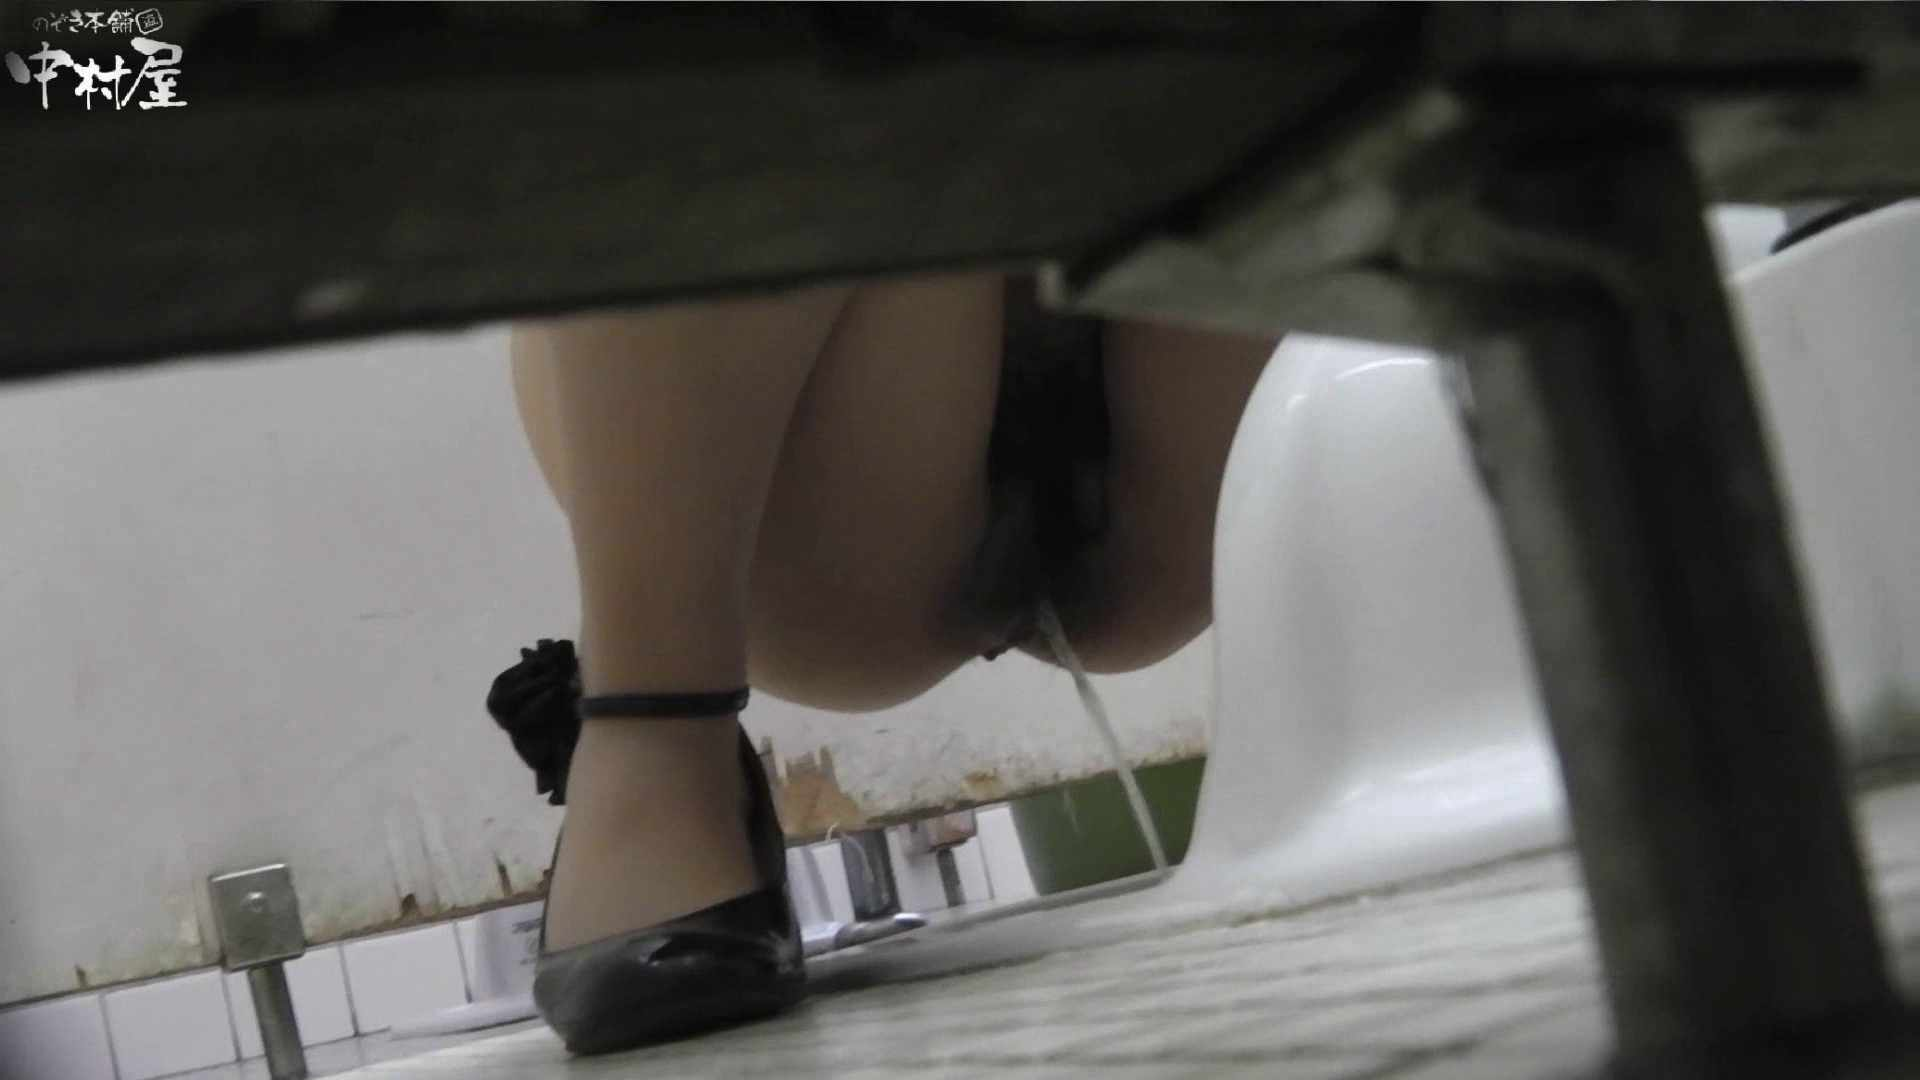 vol.08 命がけ潜伏洗面所! わかめ酒タラタラ 洗面所 AV無料動画キャプチャ 68枚 3